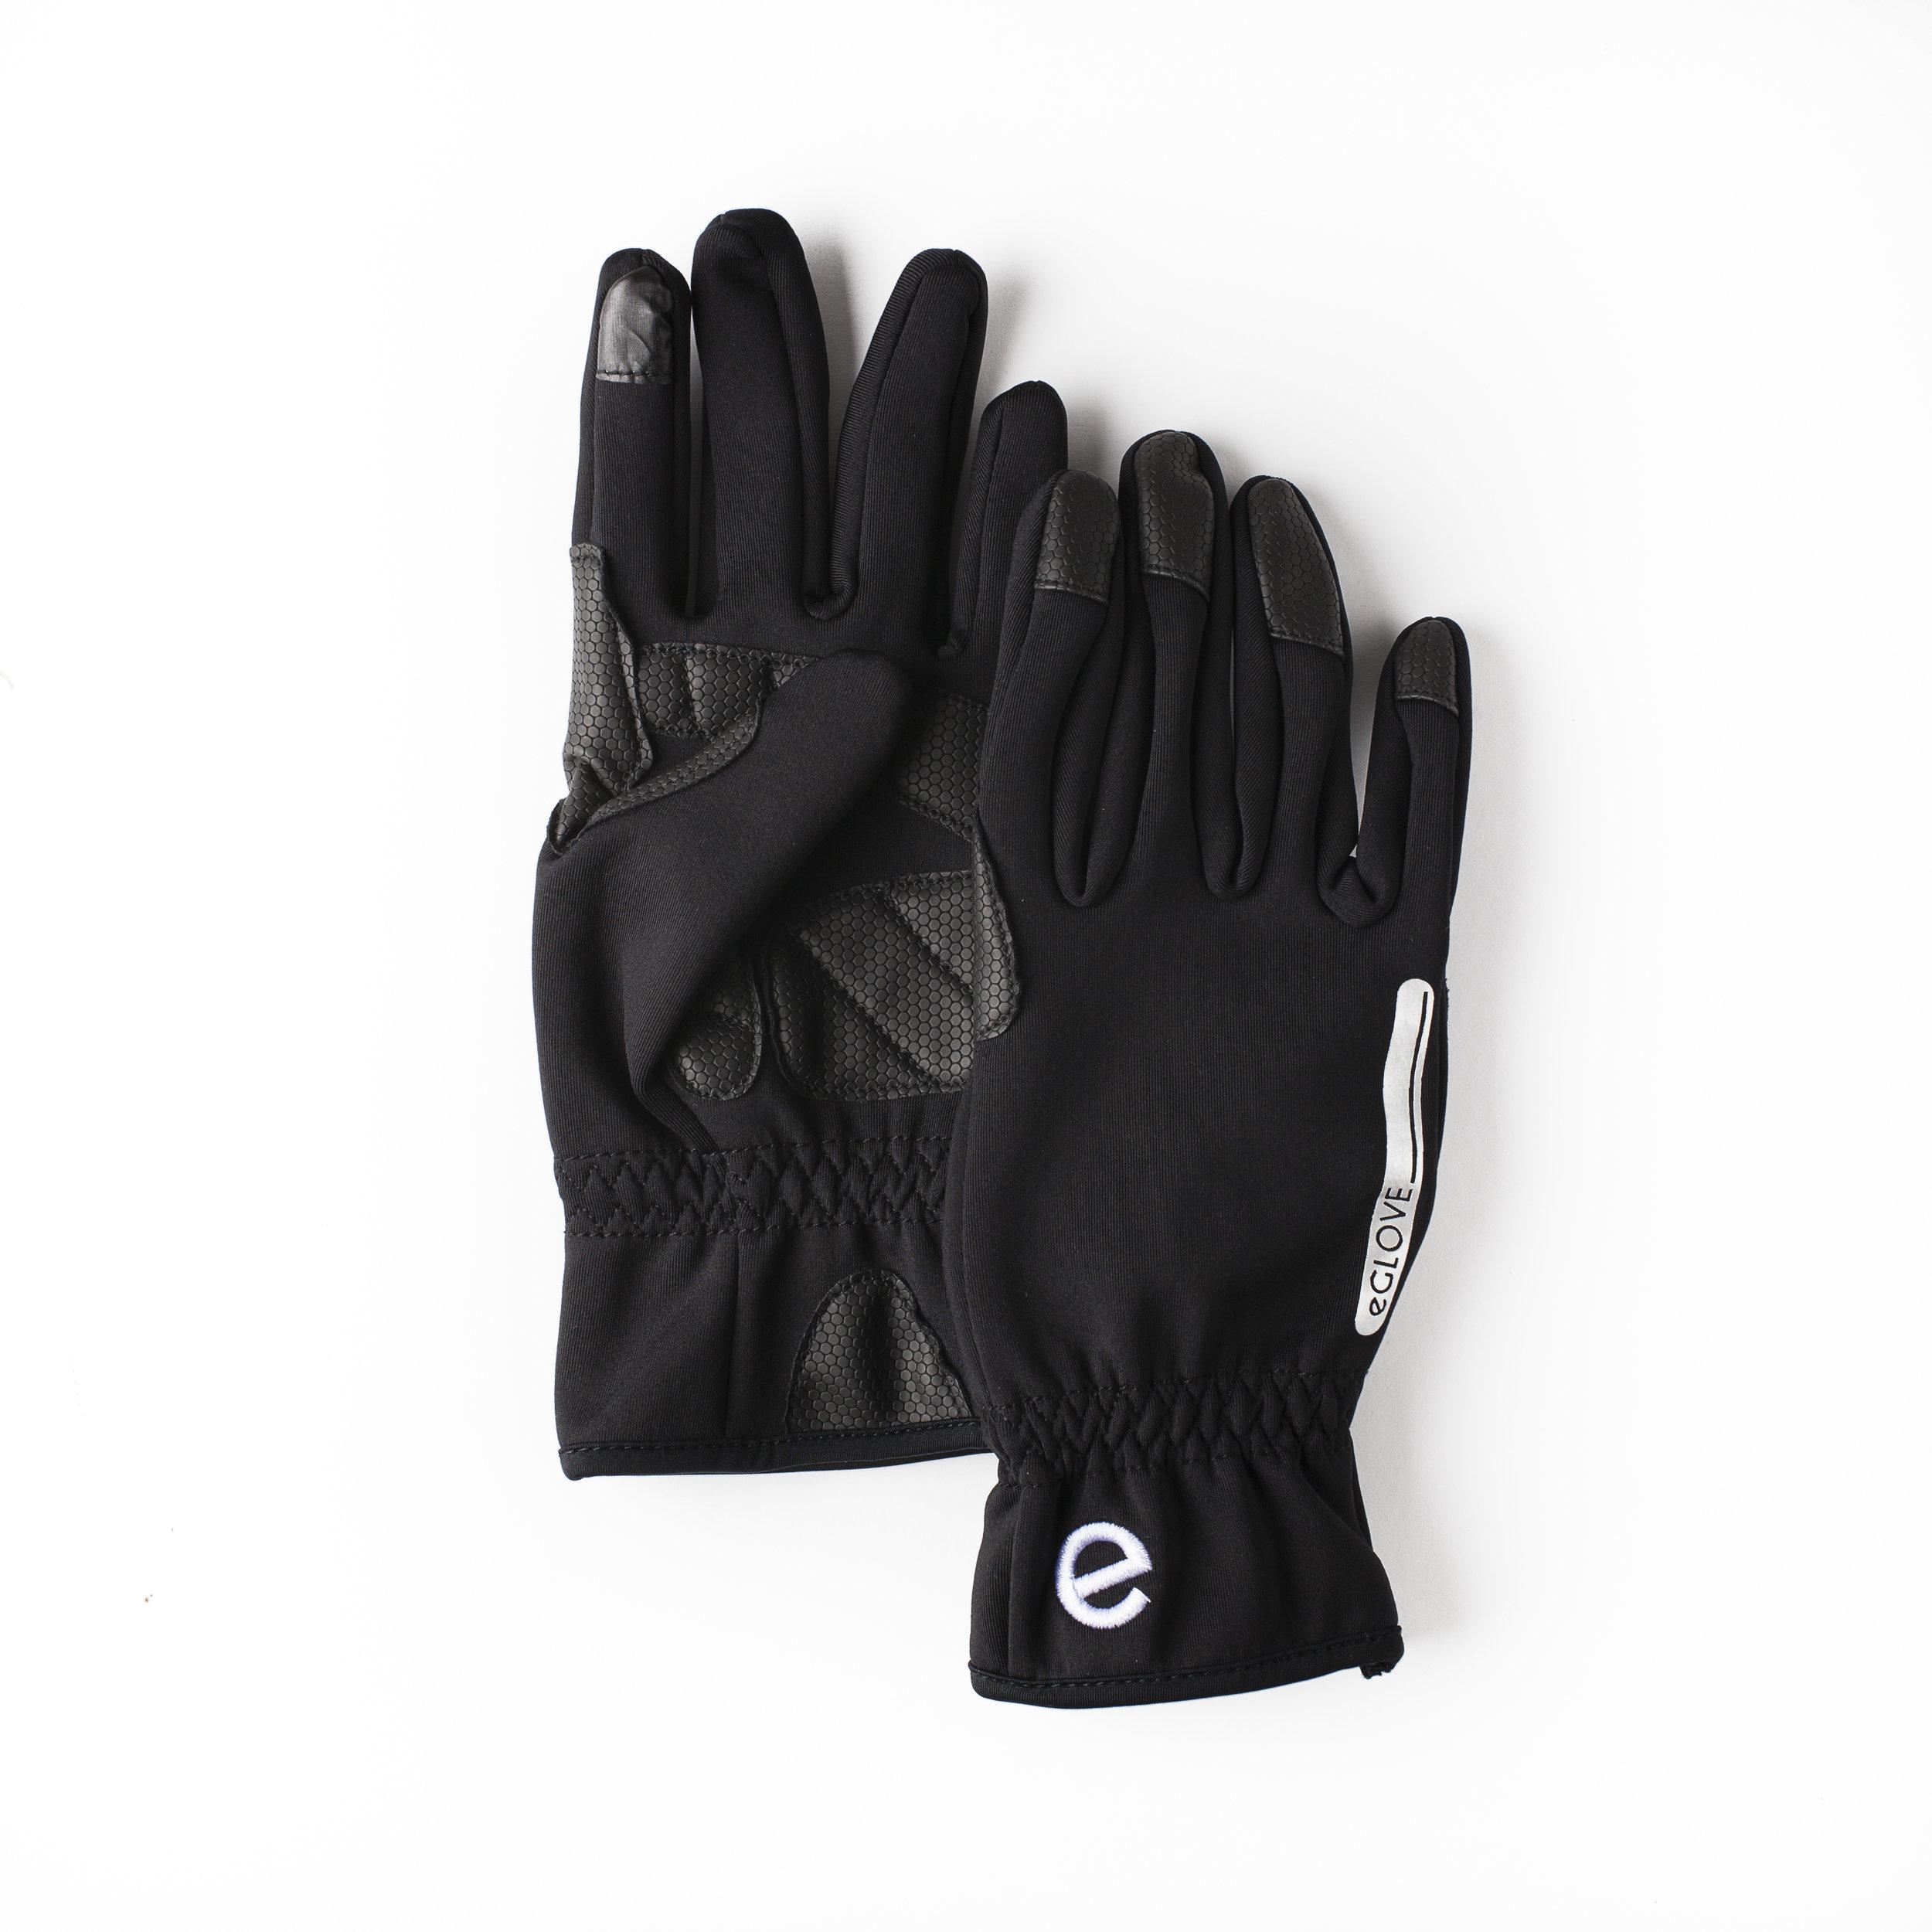 e-glove-bike.jpg